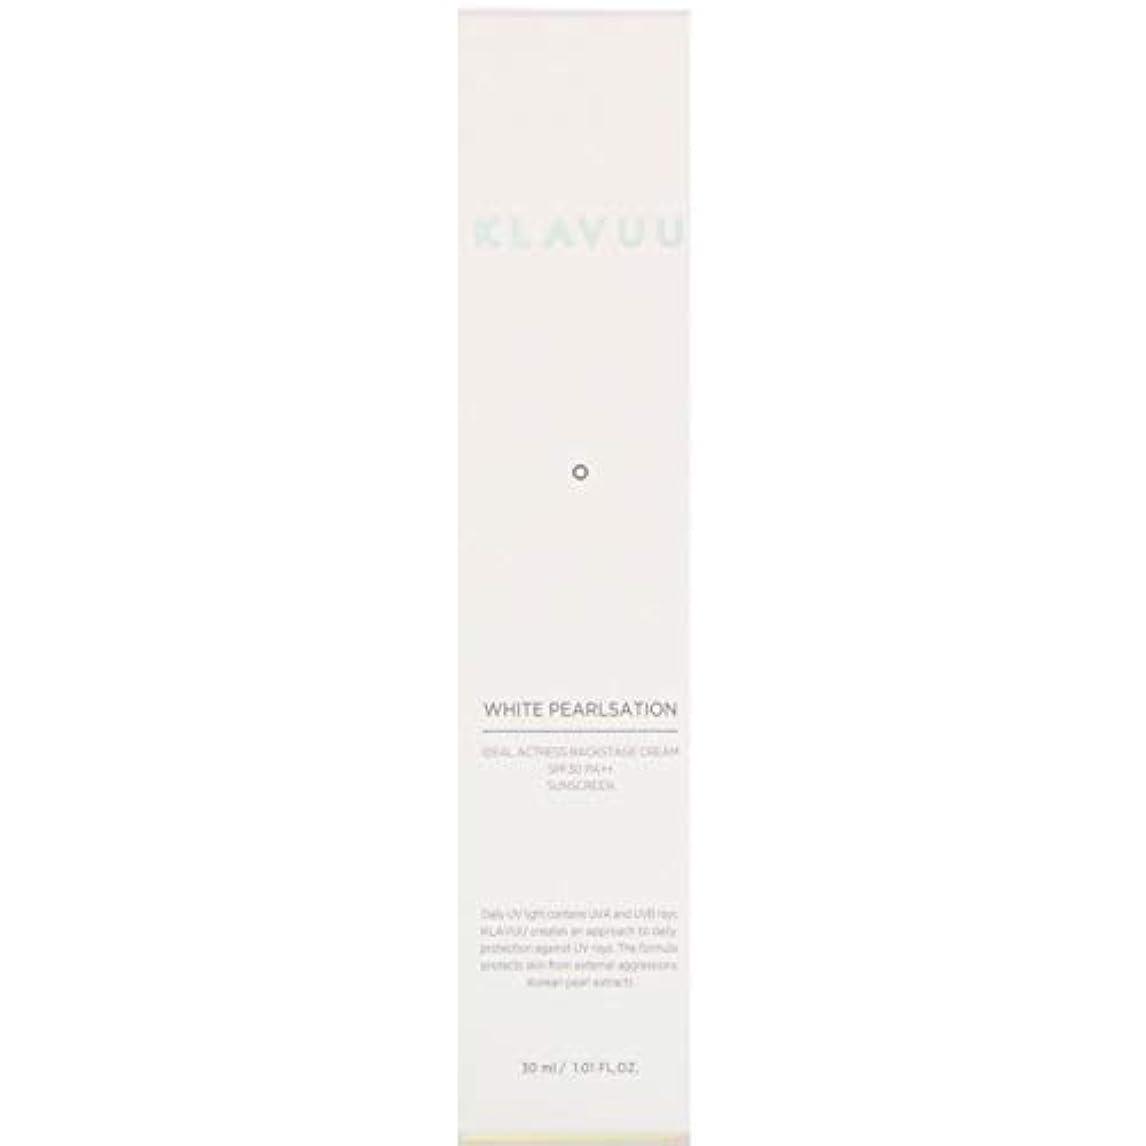 解明寛大な静脈クラビュー Klavuu ホワイトパールセ―ションバックステージクリーム 女優クリーム SPF30 PA++ 30g